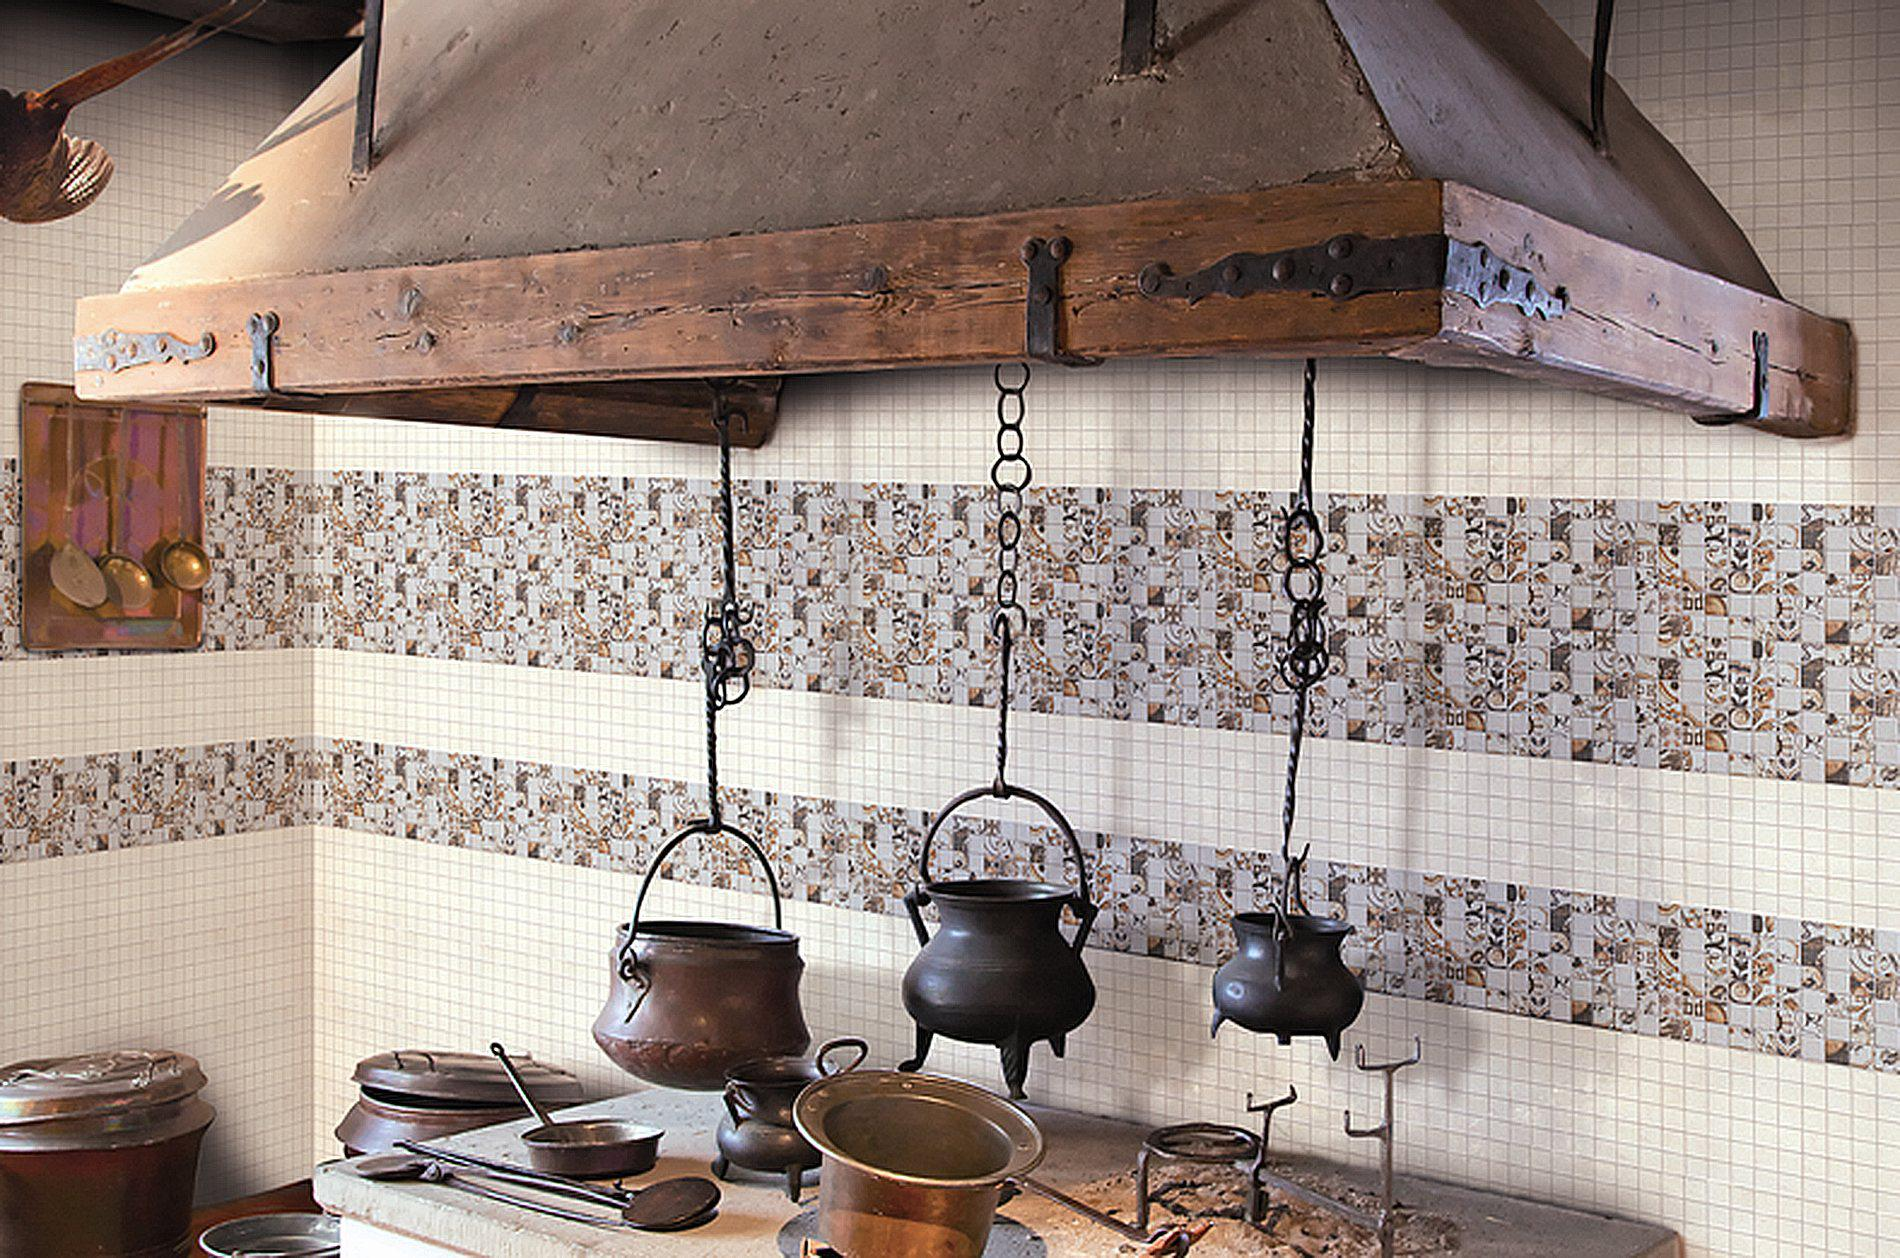 Турецкая керамичекая плитка — восточная роскошь